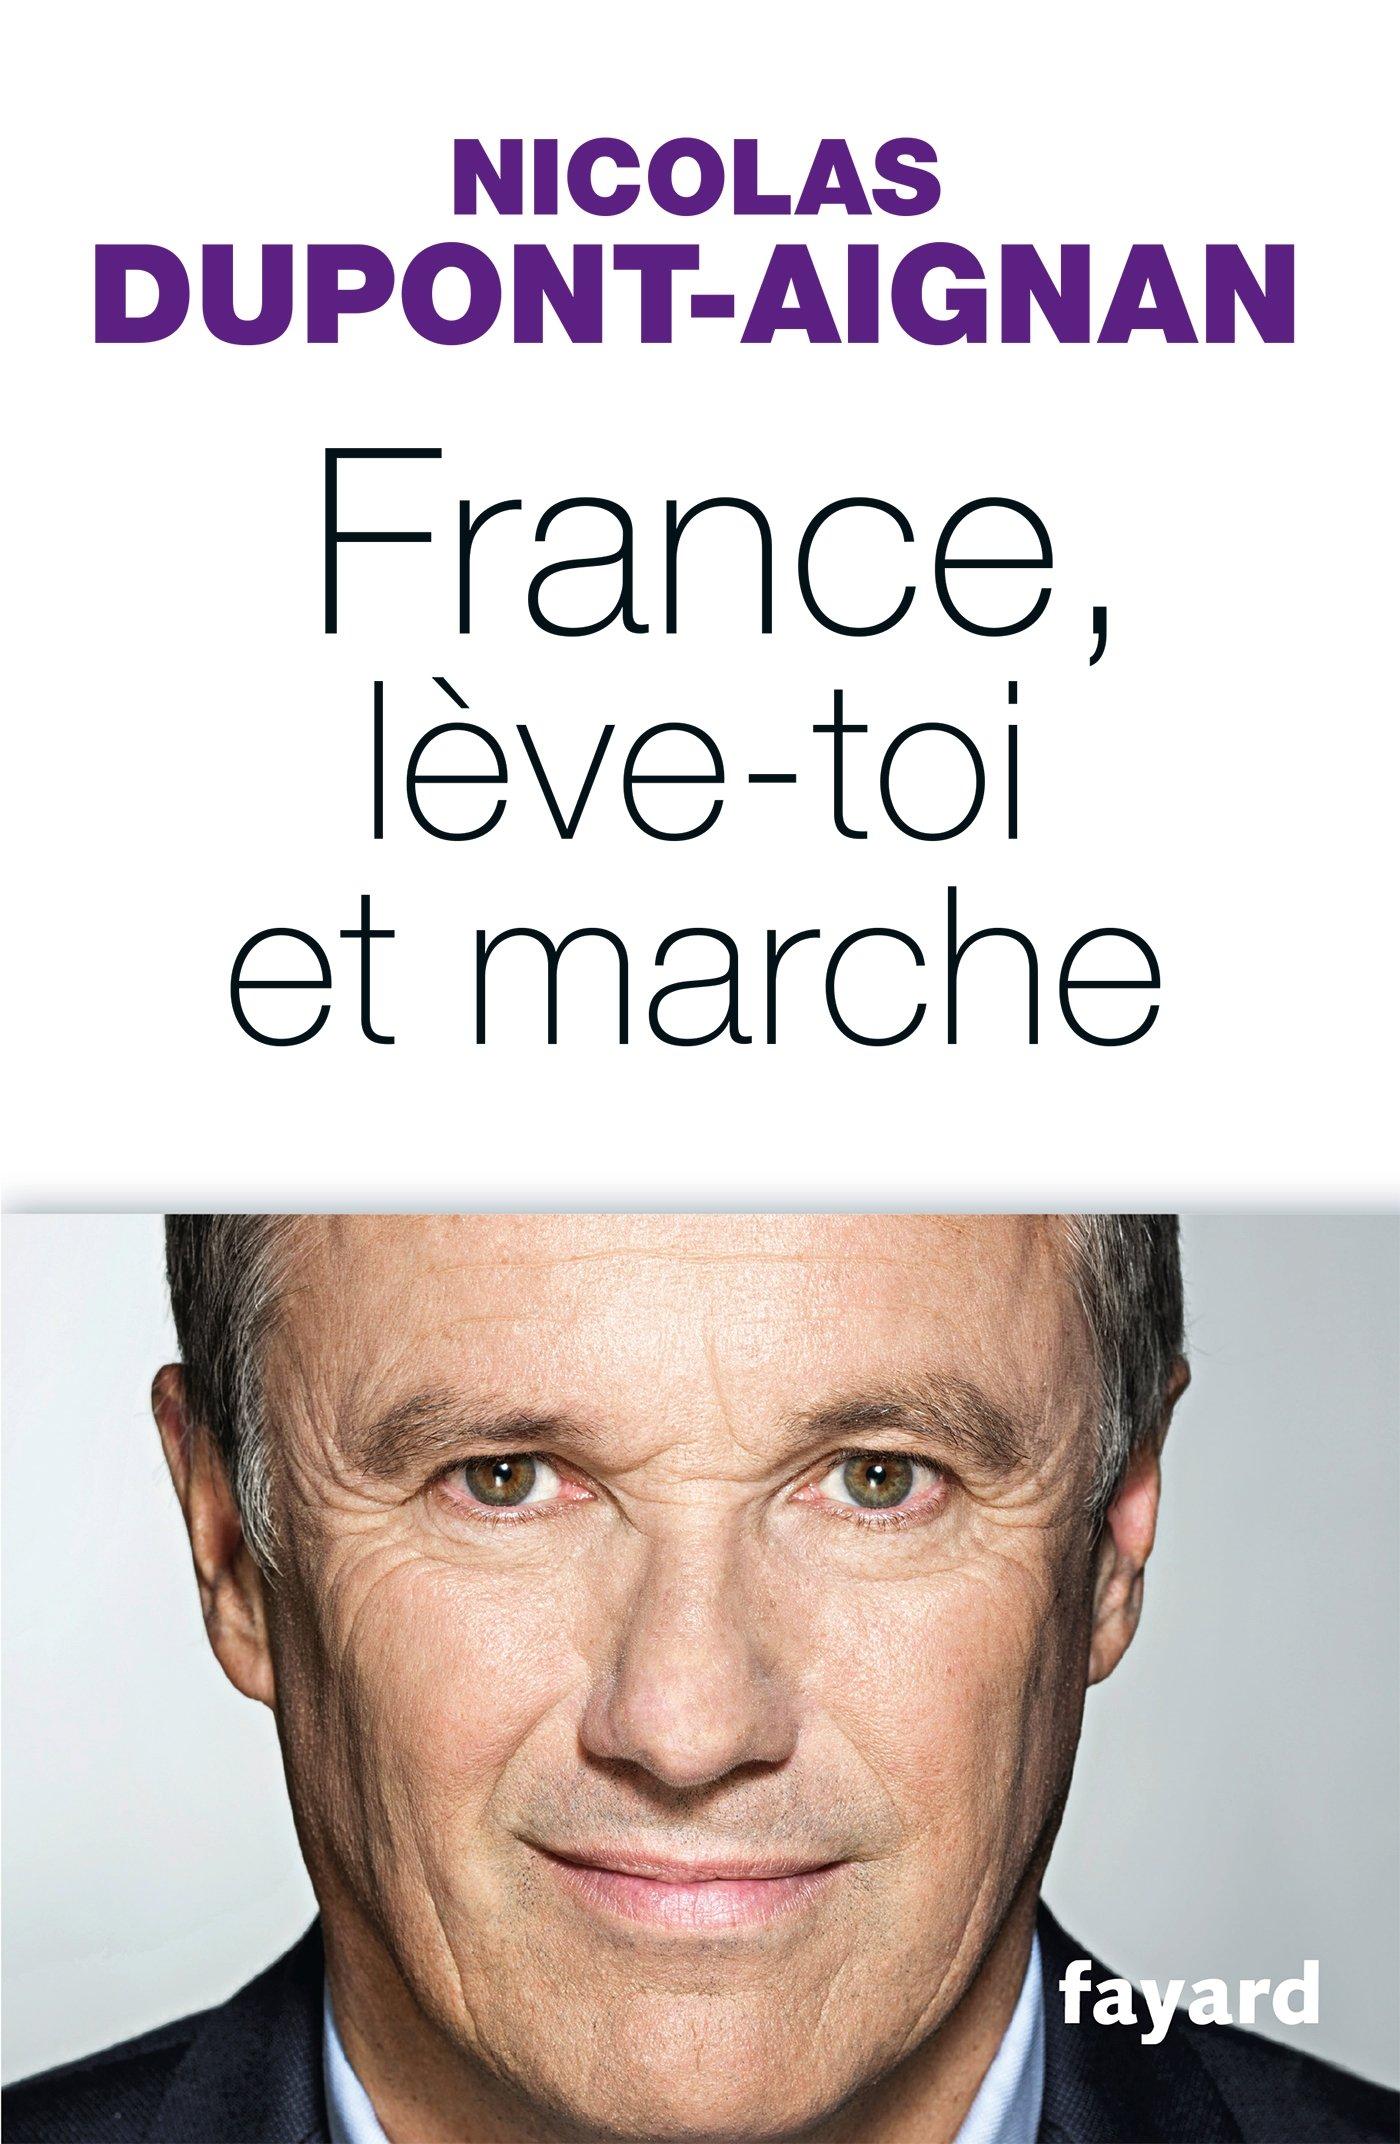 France, lève-toi et marche Broché – 16 mars 2016 Nicolas Dupont-Aignan Fayard 2213686866 Essais littéraires